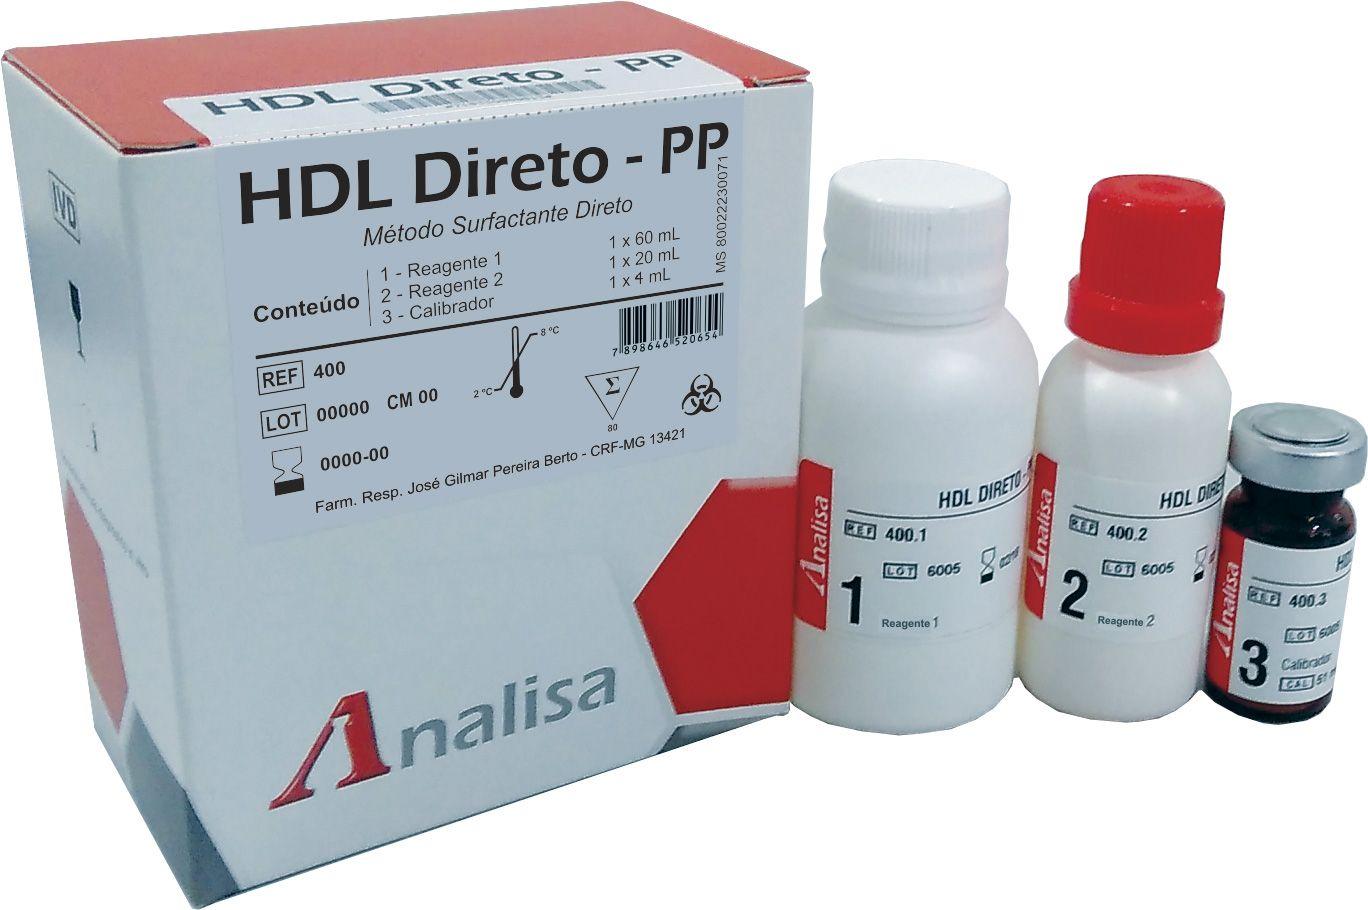 HDL DIRETO - PP CAT 400 - 80 mL